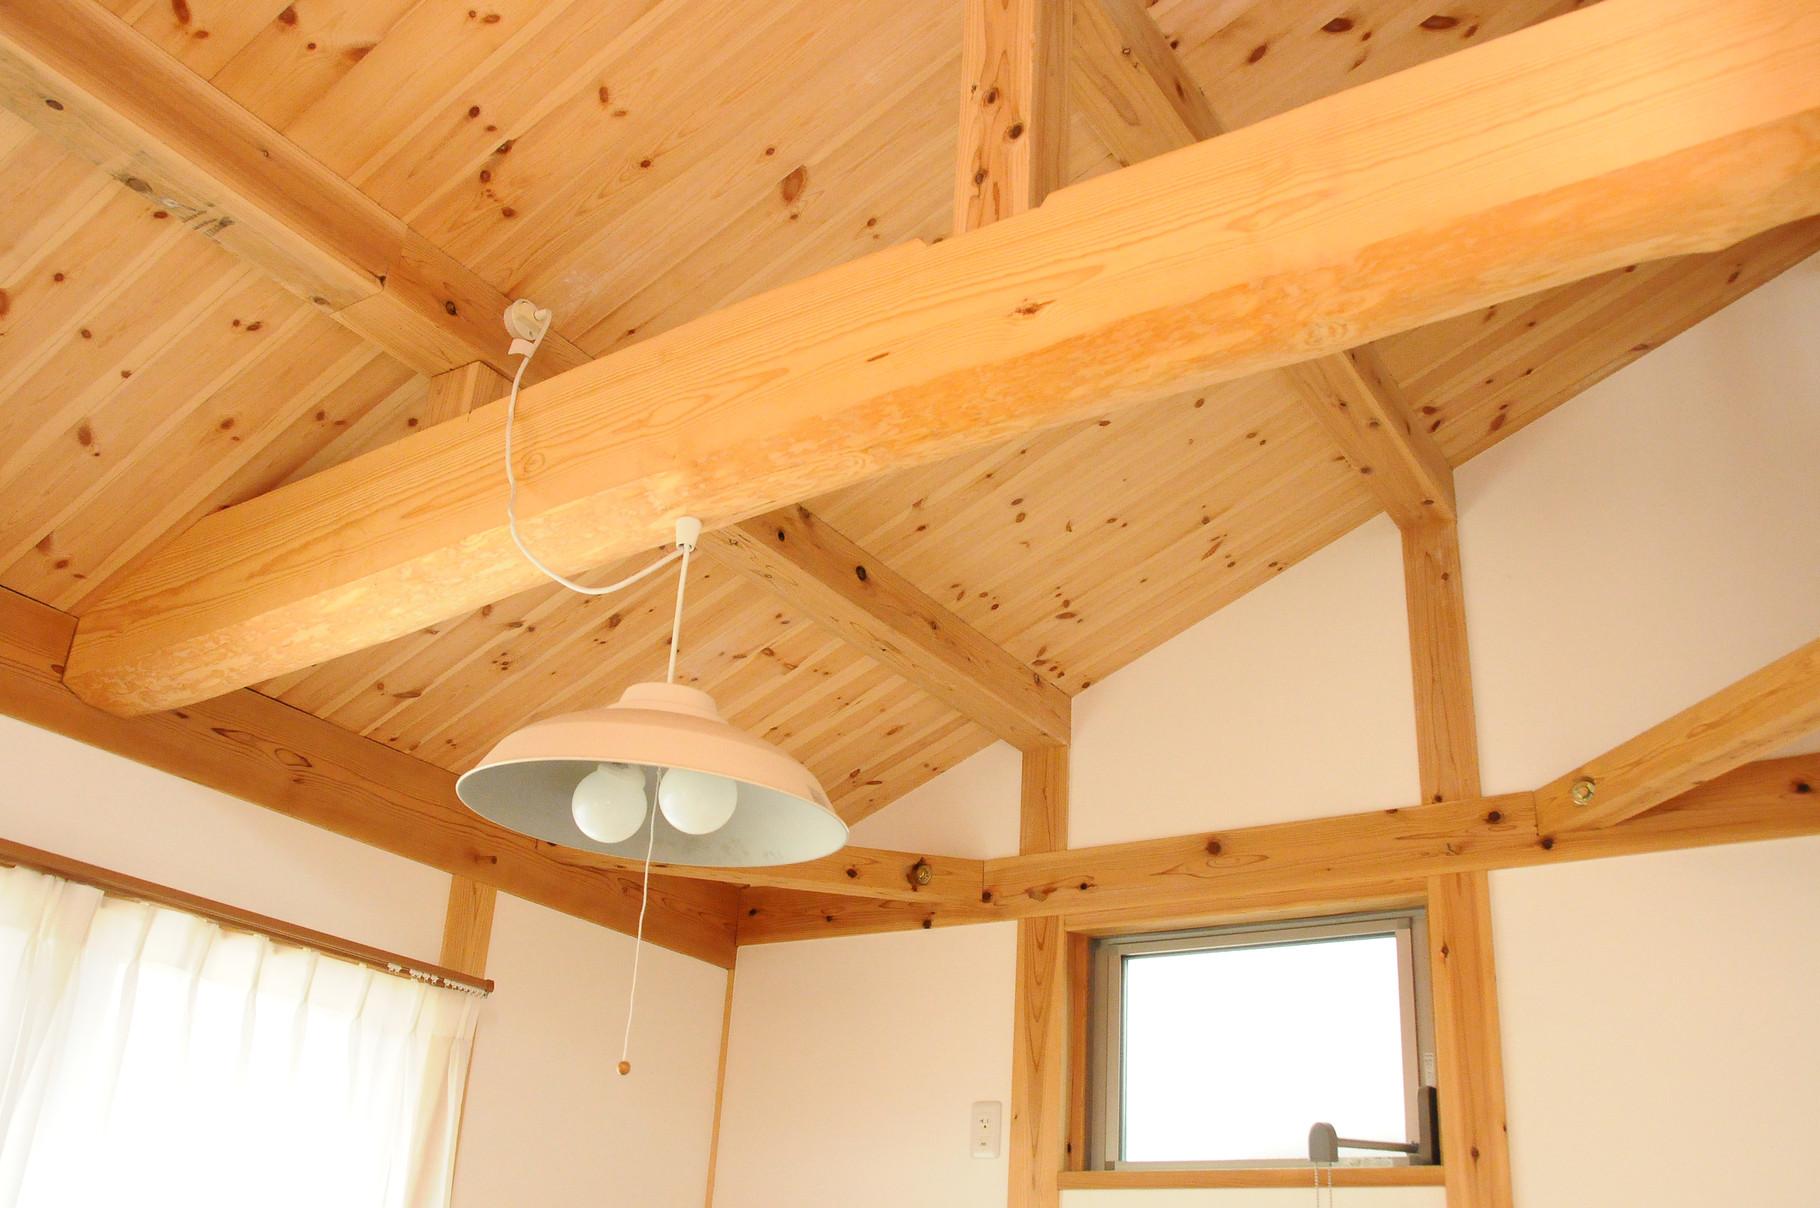 丈夫な家での暮らし・・・国産の木材を使用した構造材表しの真壁工法